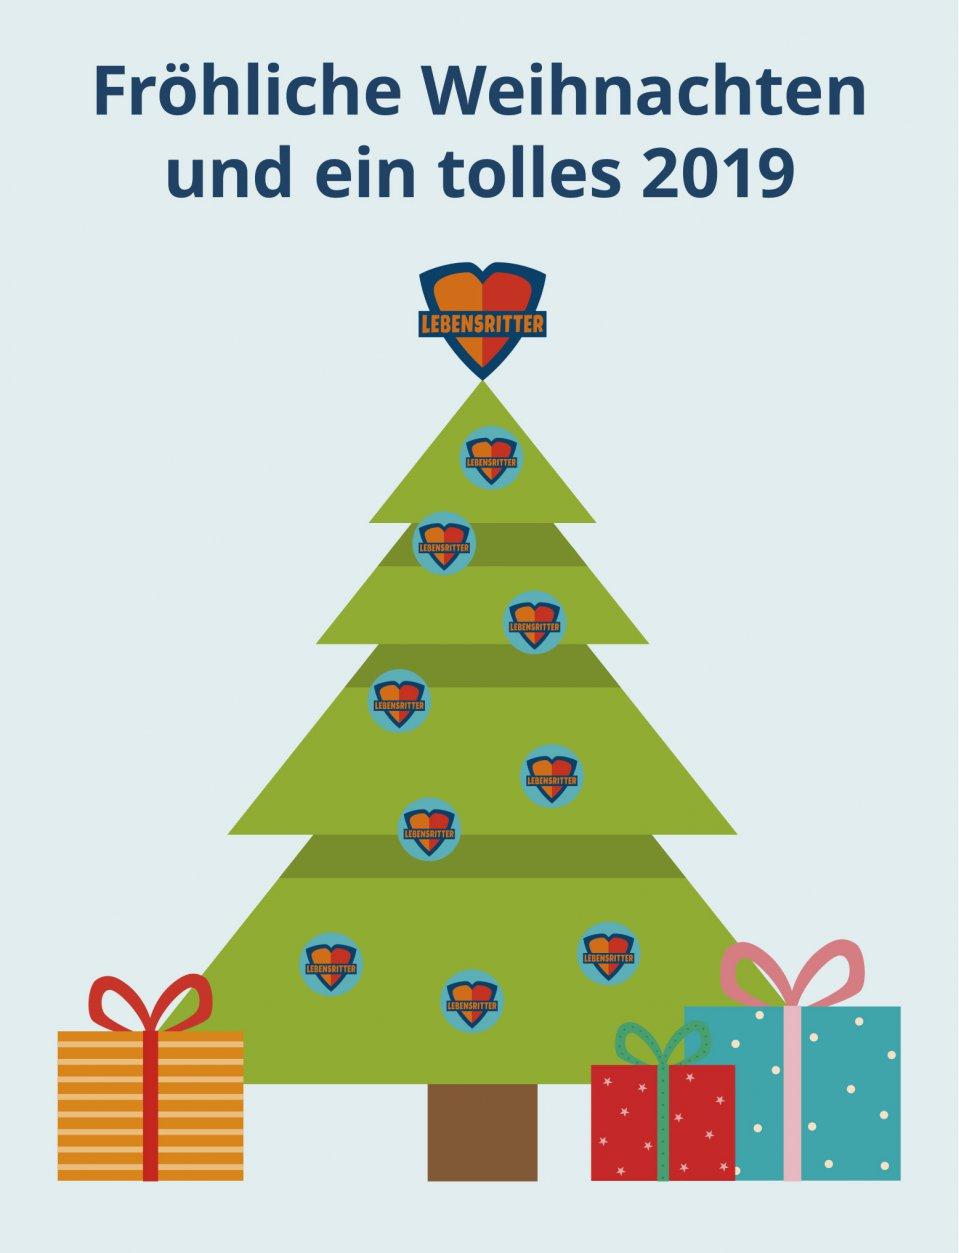 Weihnachten 2019 In Deutschland.Fröhliche Weihnachten Und Ein Tolles 2019 Lebensritter